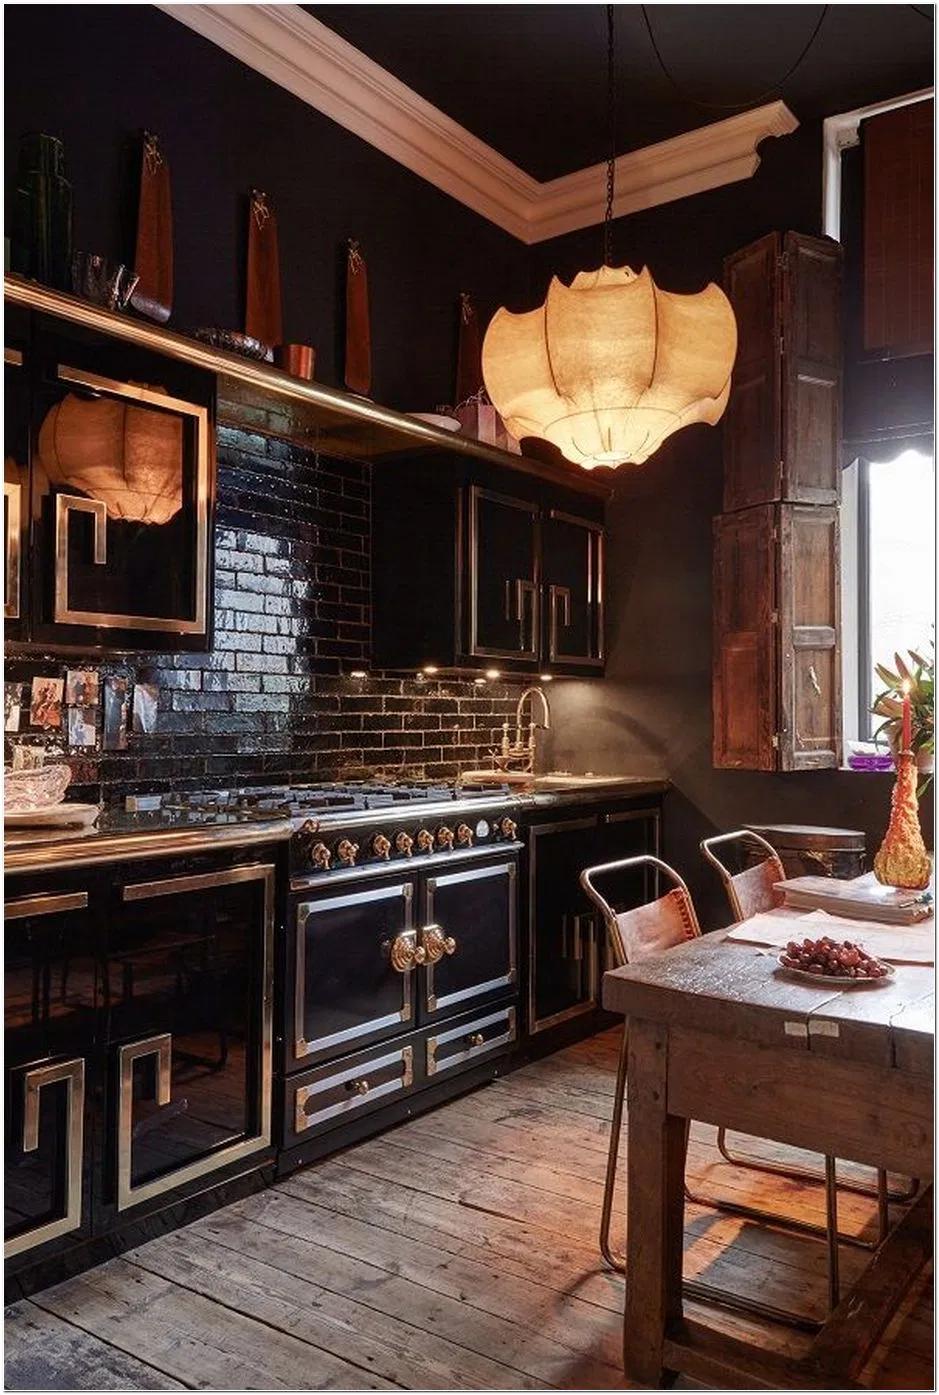 65 Designing An Edwardian Style Kitchen 19 Hersham Maximalist Interior Design Glam Apartment